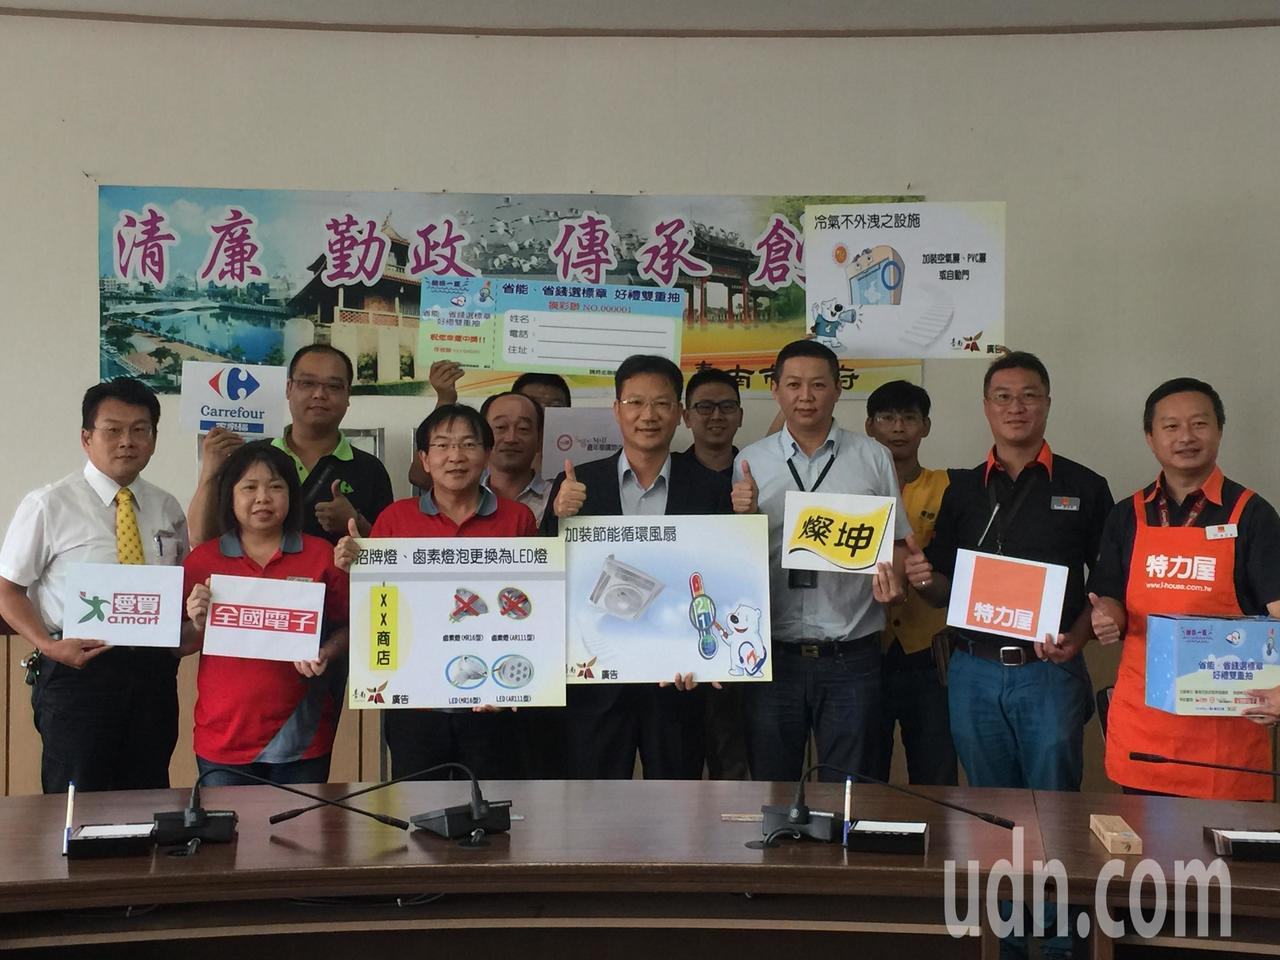 台南市政府經濟發展局推動設備汰舊換新節電活動。記者吳政修/攝影